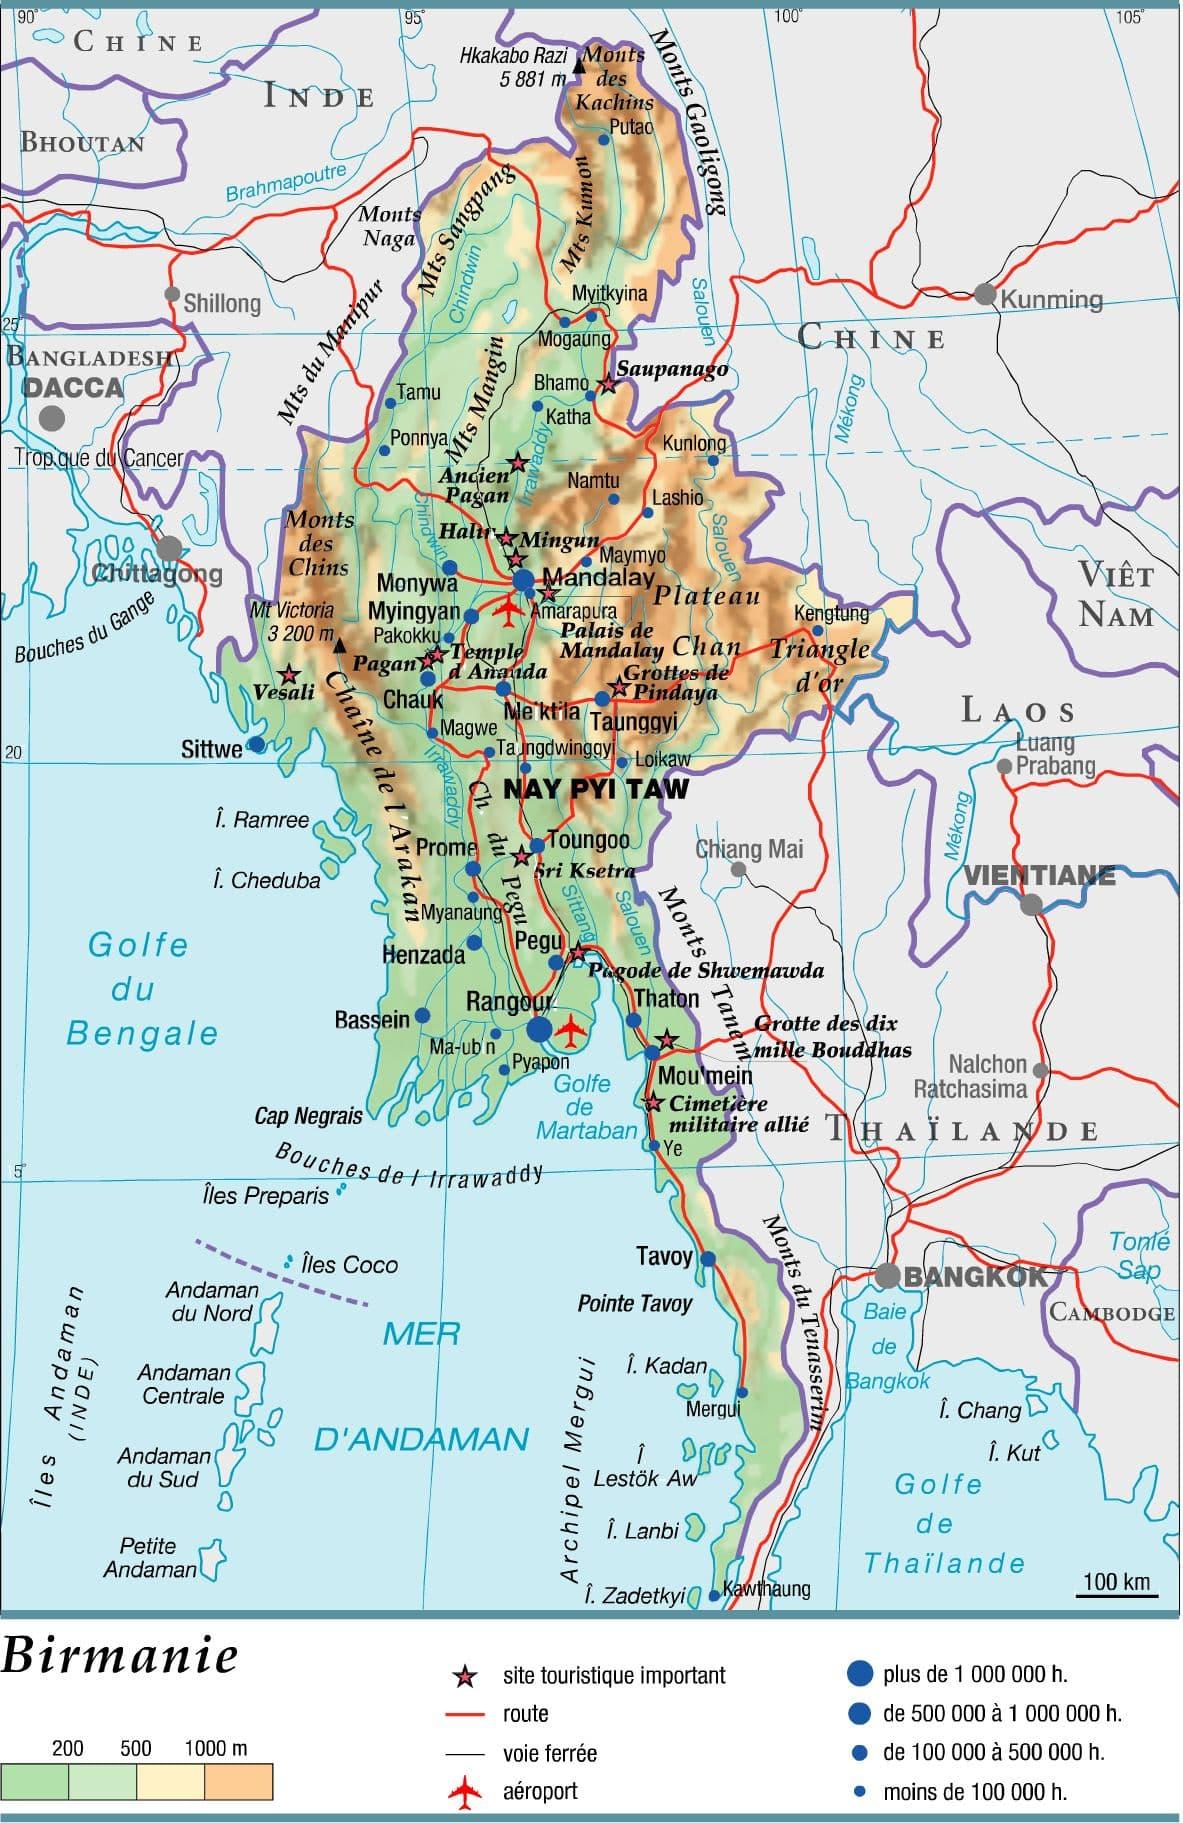 Souvent Encyclopédie Larousse en ligne - Birmanie en birman Myanmar  BU99